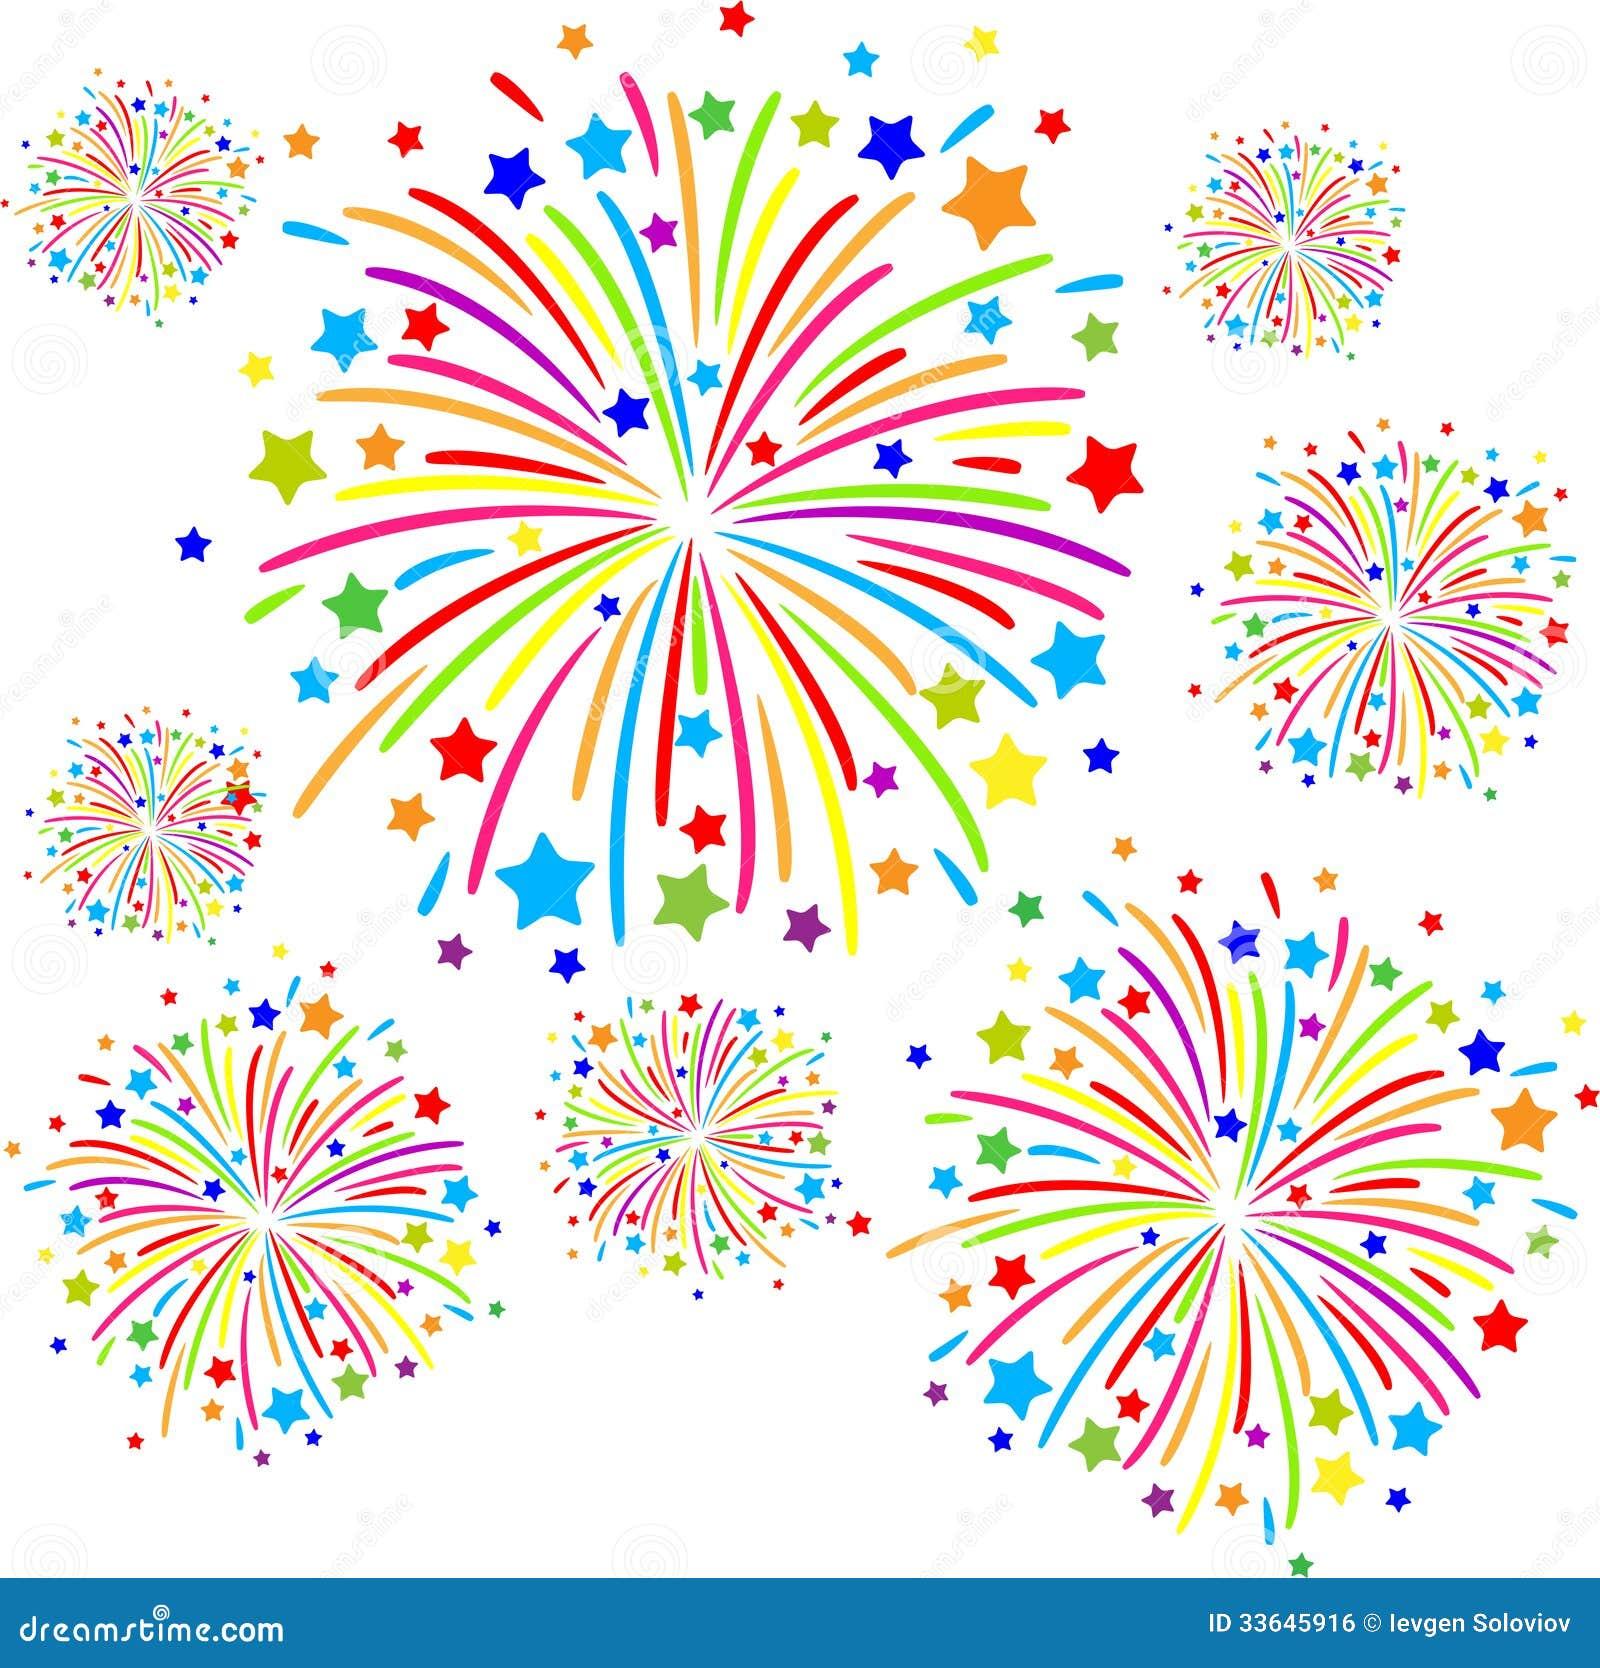 Firework Stock Vector Illustration Of Celebration Illuminated 33645916